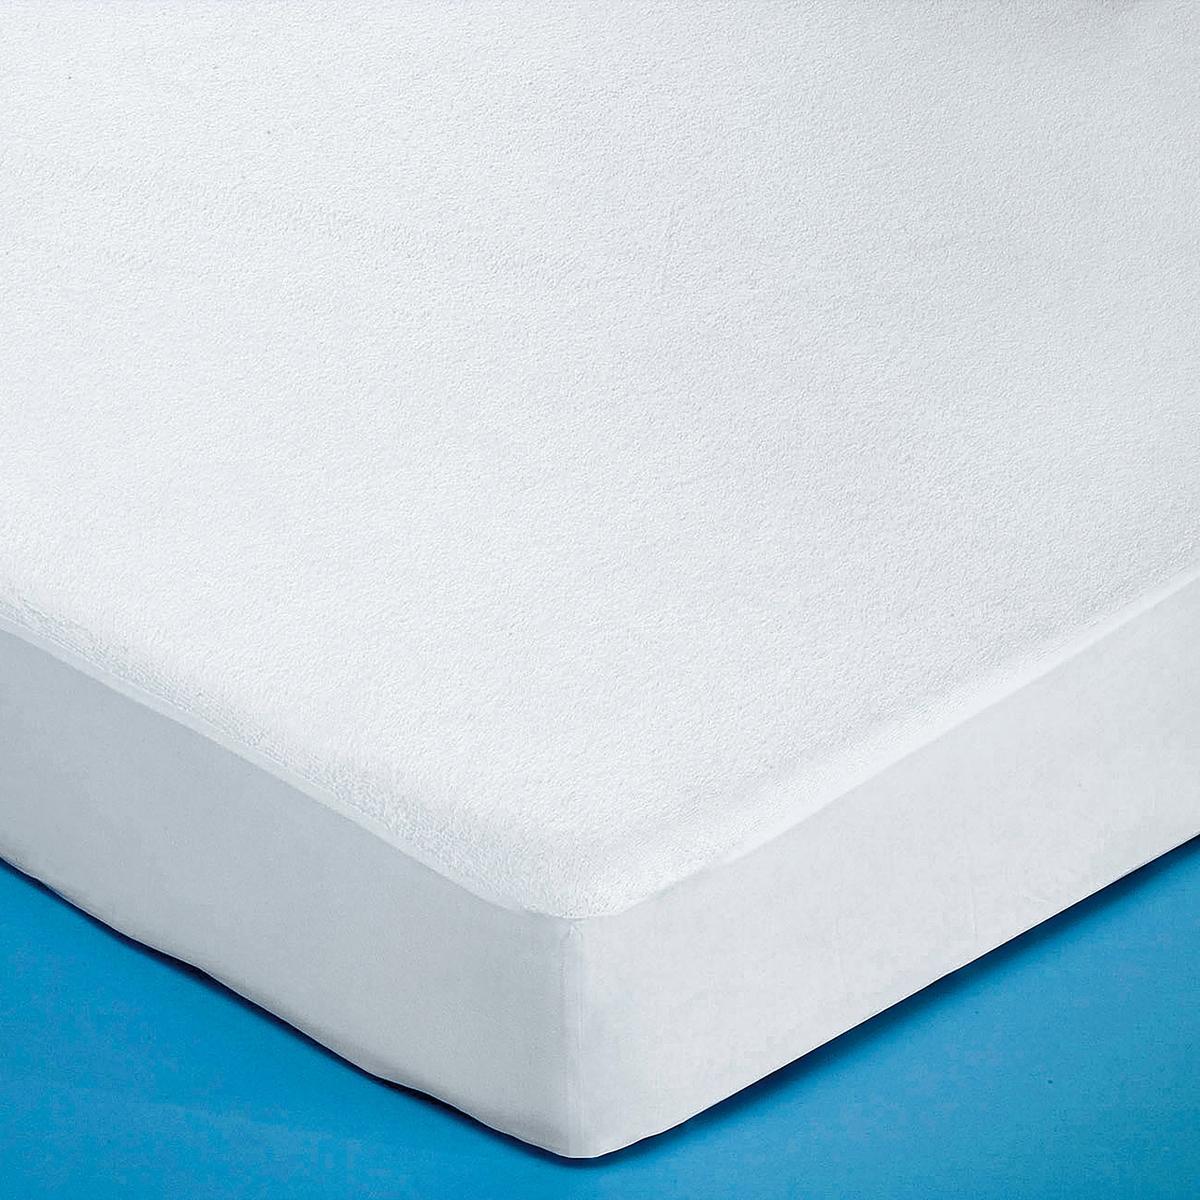 Чехол защитный для матраса из махровой ткани с завитым ворсом на полиуретанеУдобство махровой ткани и полная непромокаемость !Очень удобный защитный чехол из махровой ткани букле, 80% хлопка, 20% полиэстера, с оборотной стороны покрыт пленкой из полиуретана для полной защиты : Дышащий чехол с микропористой структурой, отводящей влагу от тела при сохранении непромокаемых свойств.Клапаны из джерси из эластичного полиэстера, выс.. 26 см.Доступен размер для детской кроватки.Машинная стирка при 60 °С. Изделие с биоцидной обработкой.<br><br>Цвет: белый